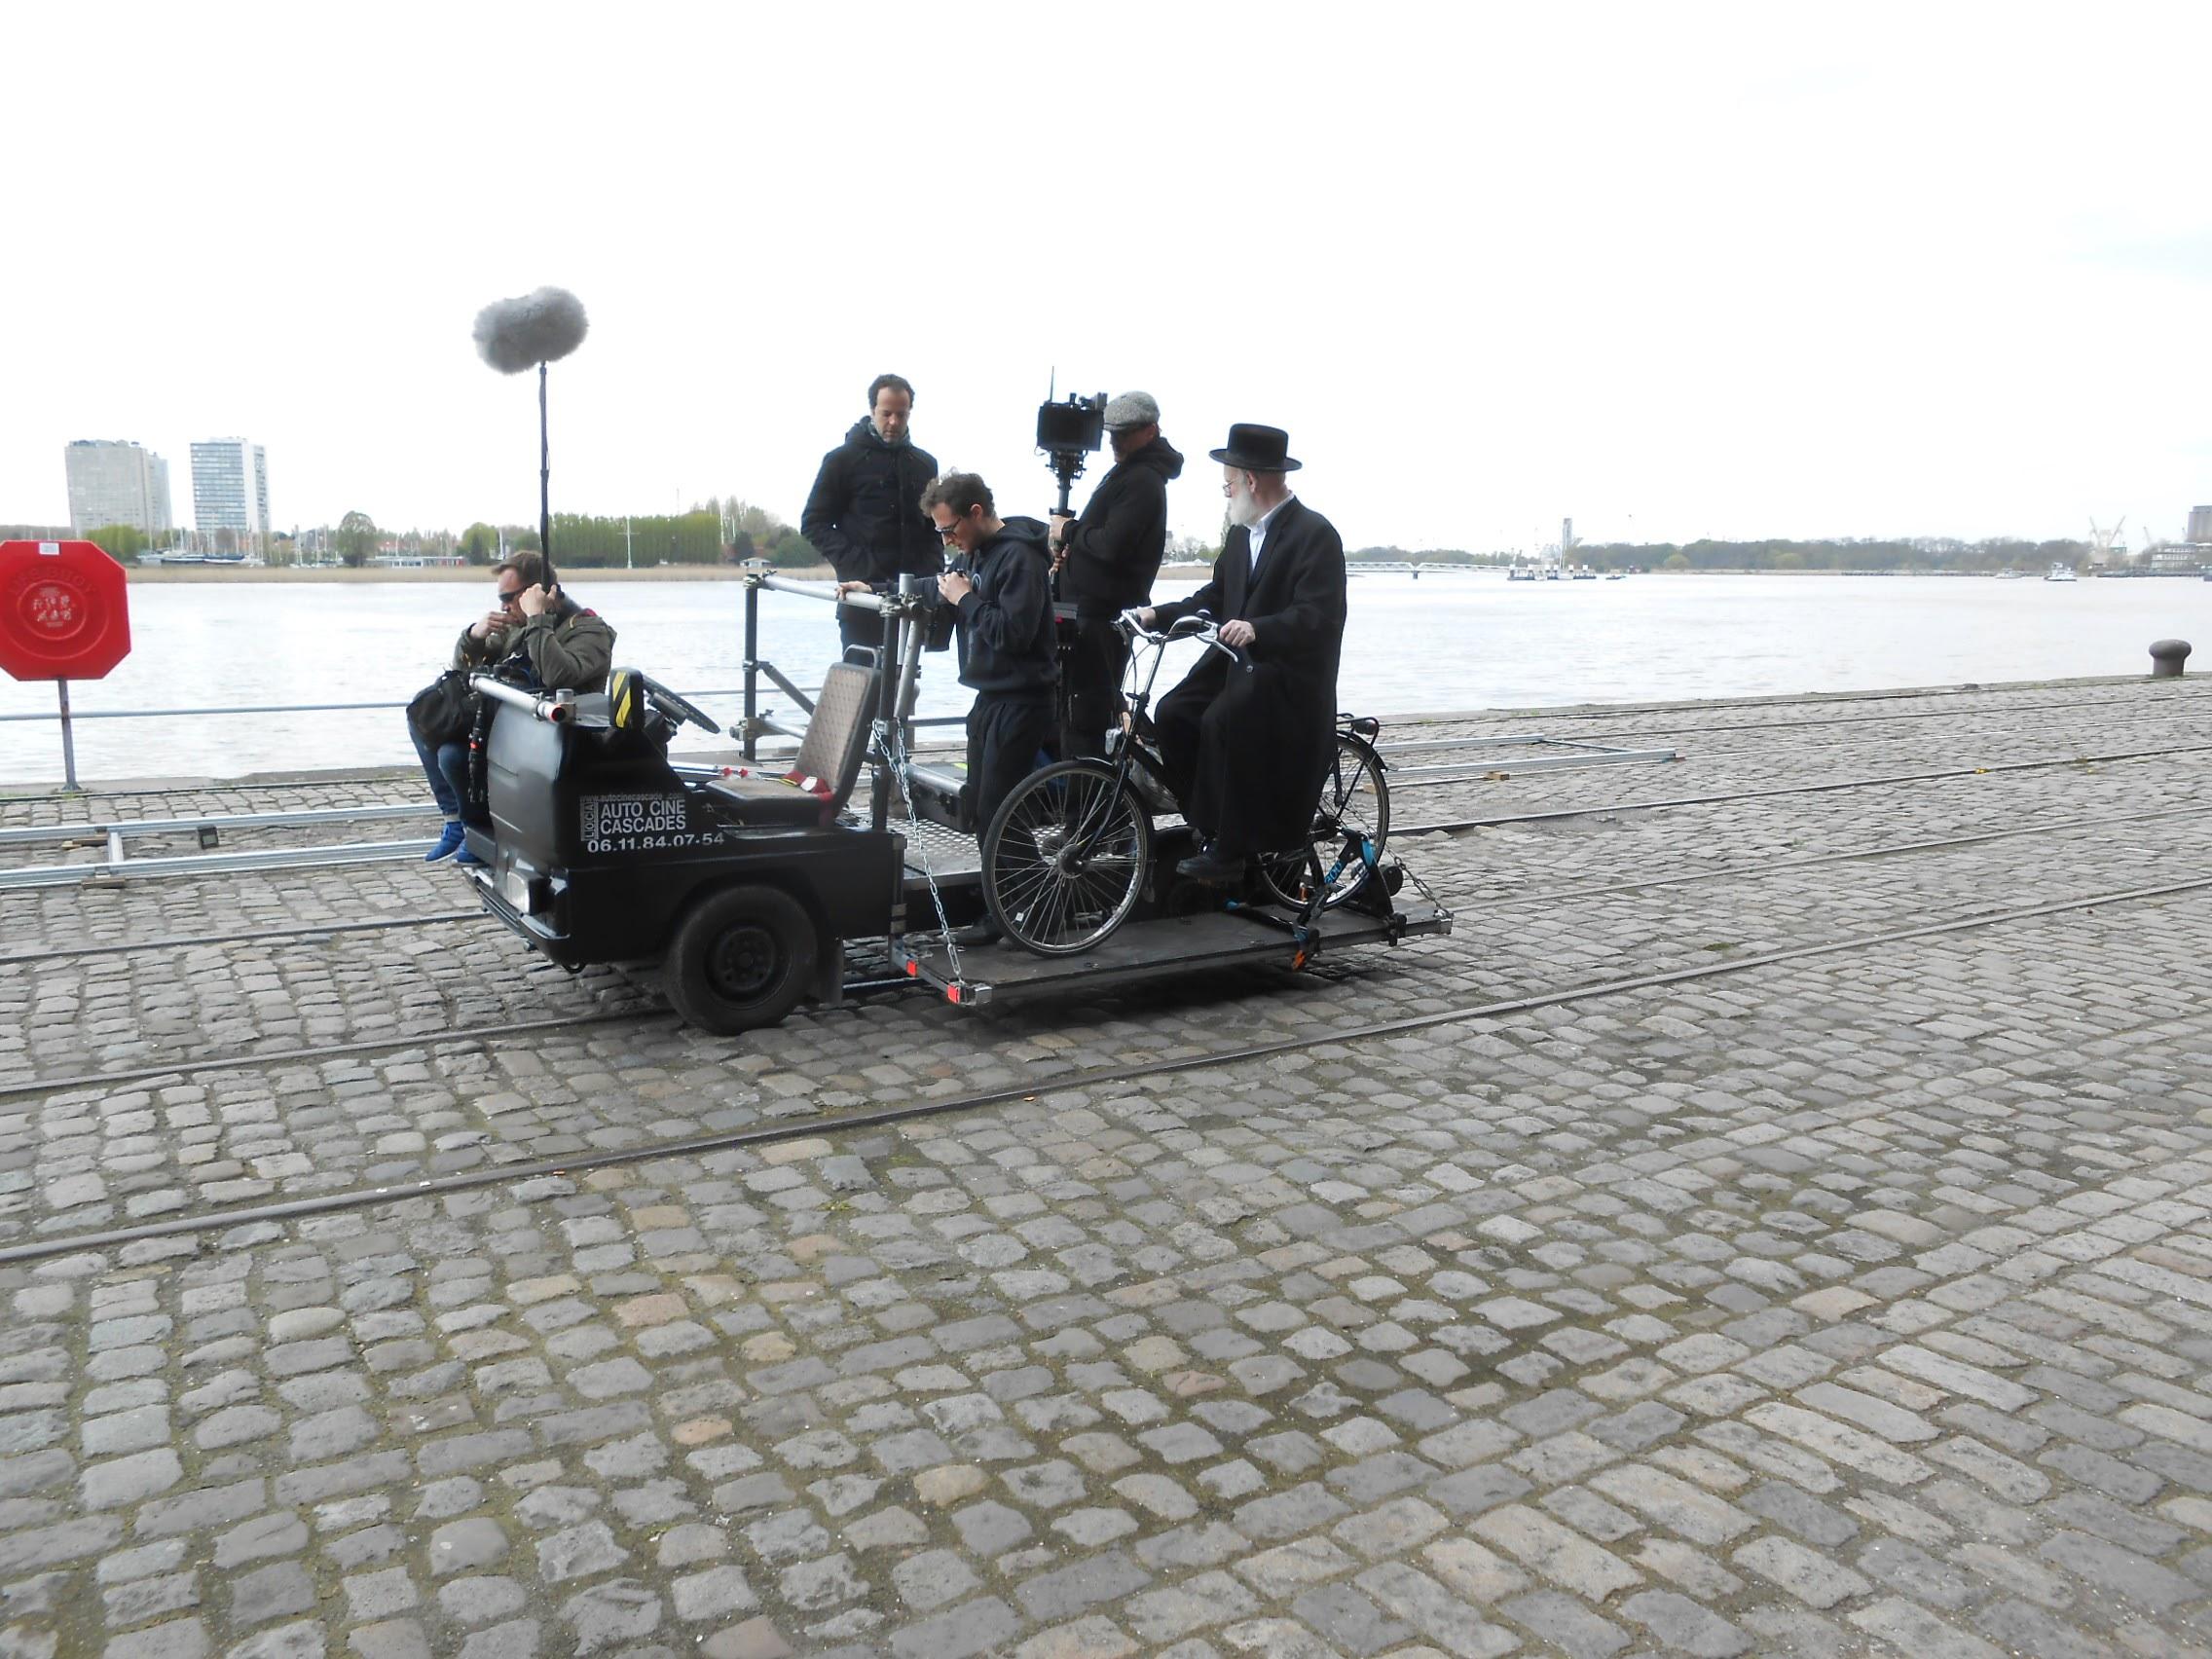 tournage-docu-fiction-anvers-alexis-veller-9